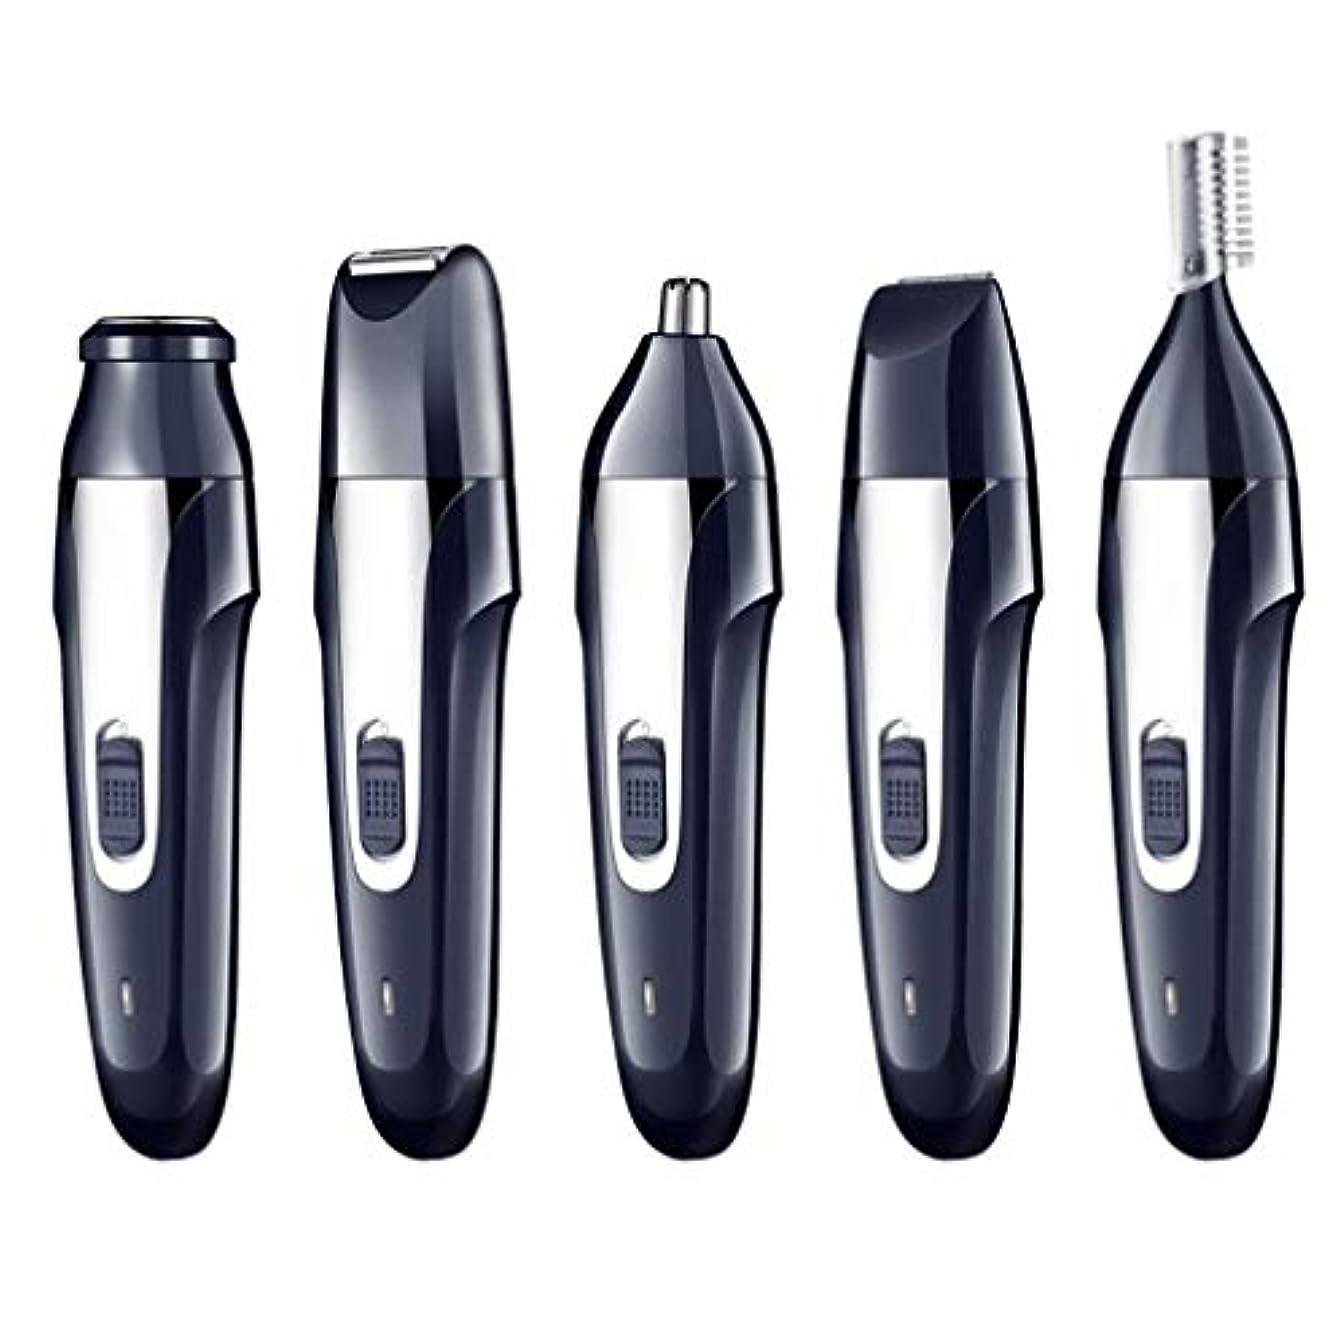 映画可動式徐々に鼻毛トリマー - 電動脱毛器具、USB充電器、リップヘア、眉毛形削りナイフ、5つ1つ、ポータブル、ユニセックス (Color : 1)